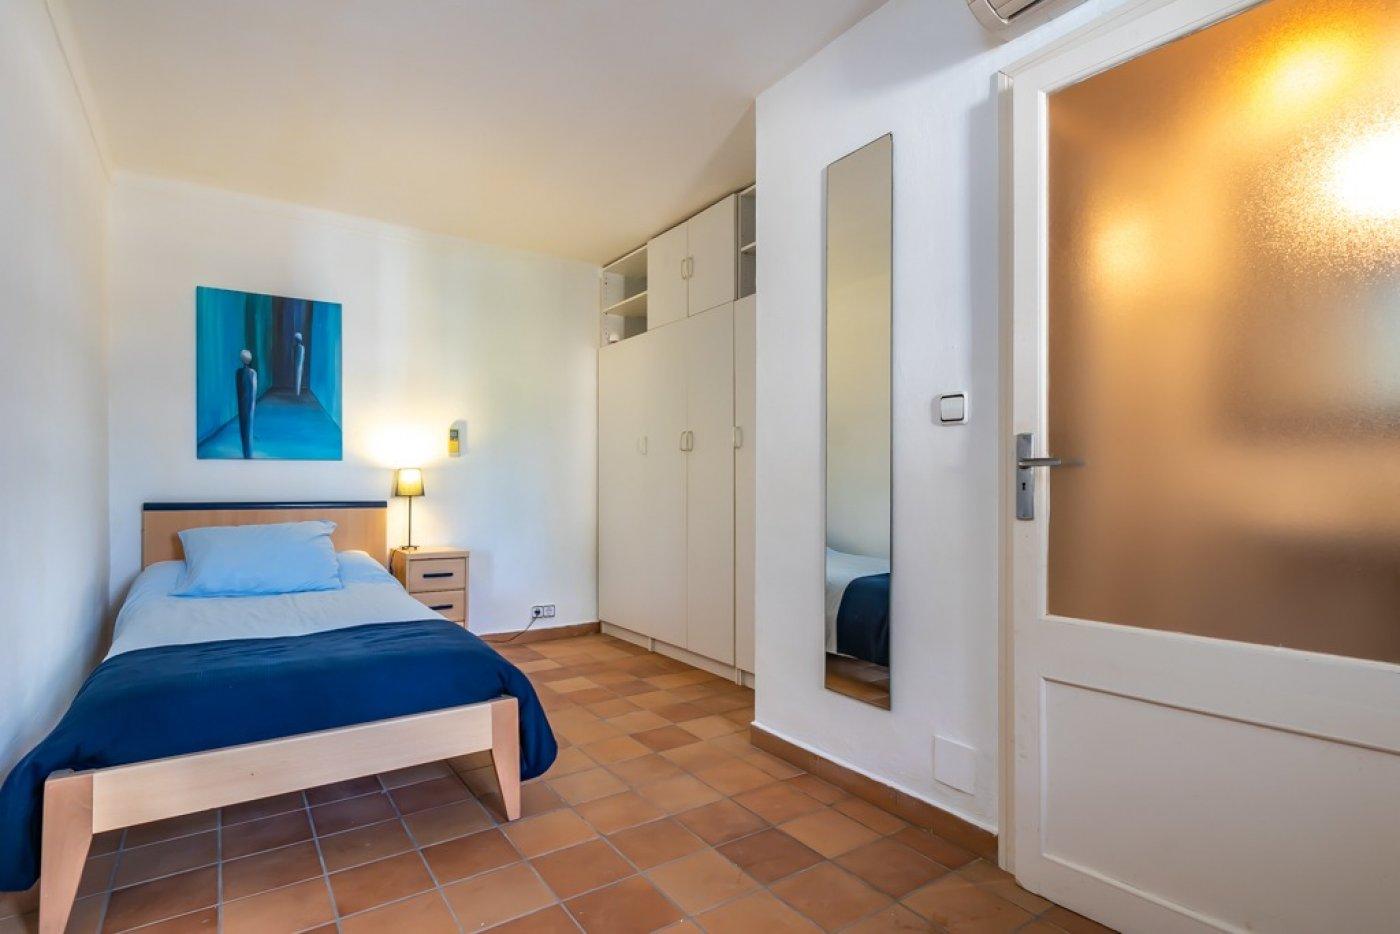 Magnifica villa en ses salines - can somni - ideal inversores turÍsticos - imagenInmueble10